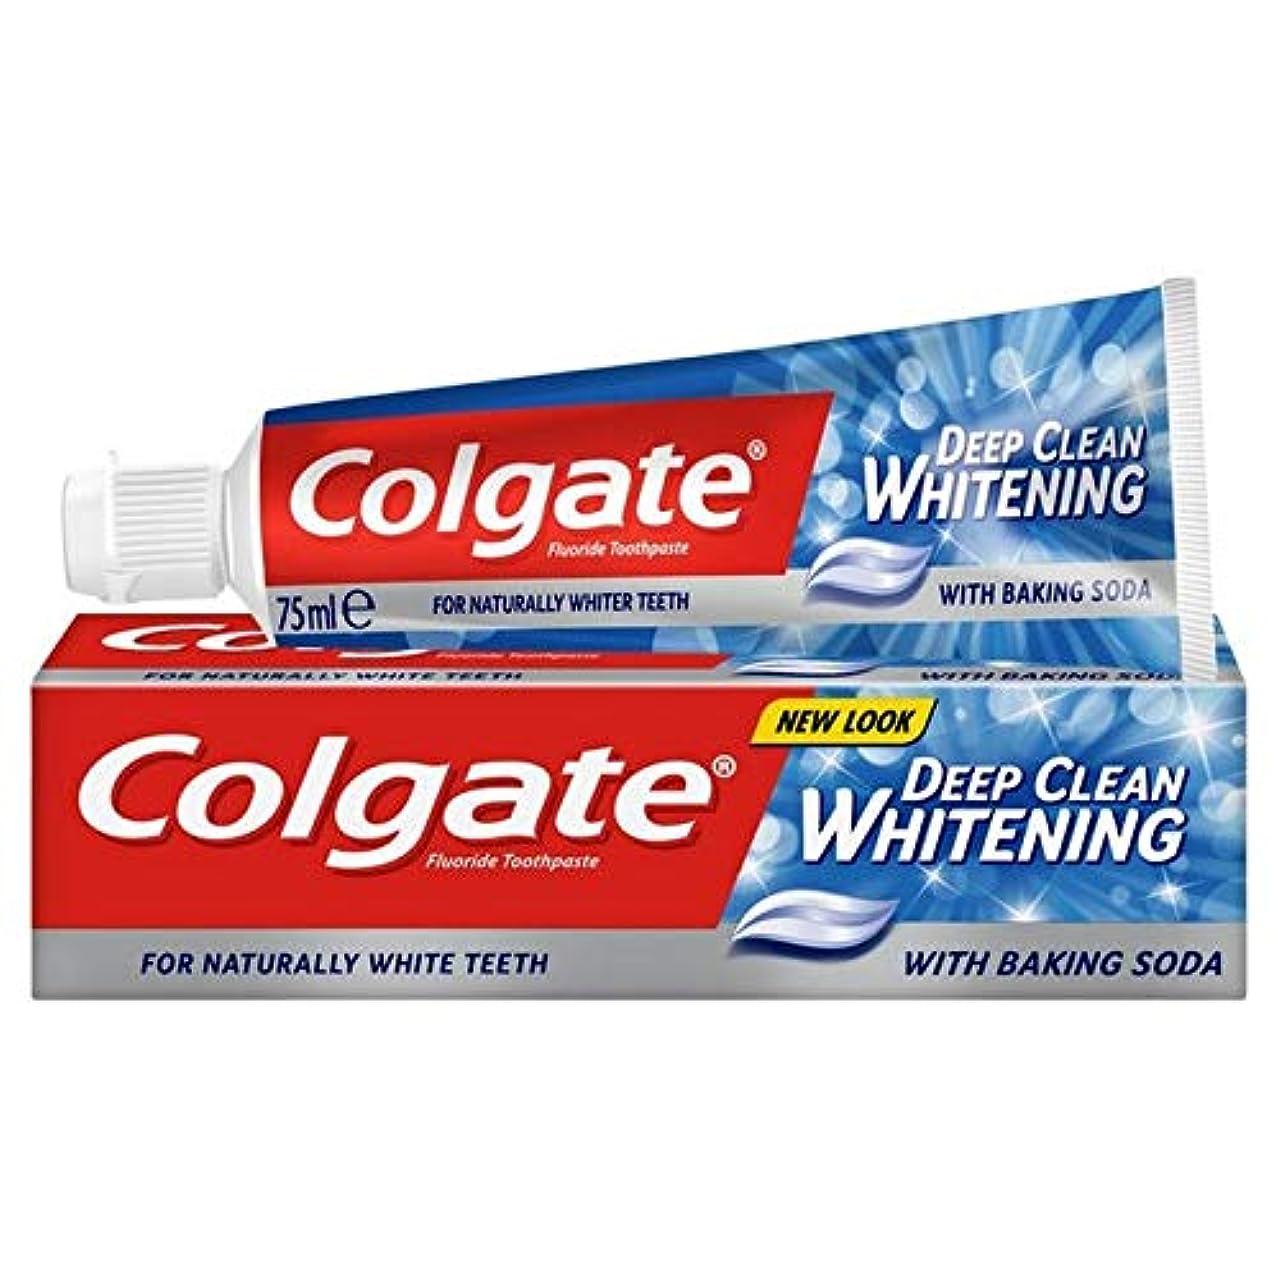 乳白応用機関車[Colgate ] コルゲート深いクリーンホワイトニング歯磨き粉75ミリリットル - Colgate Deep Clean Whitening Toothpaste 75ml [並行輸入品]